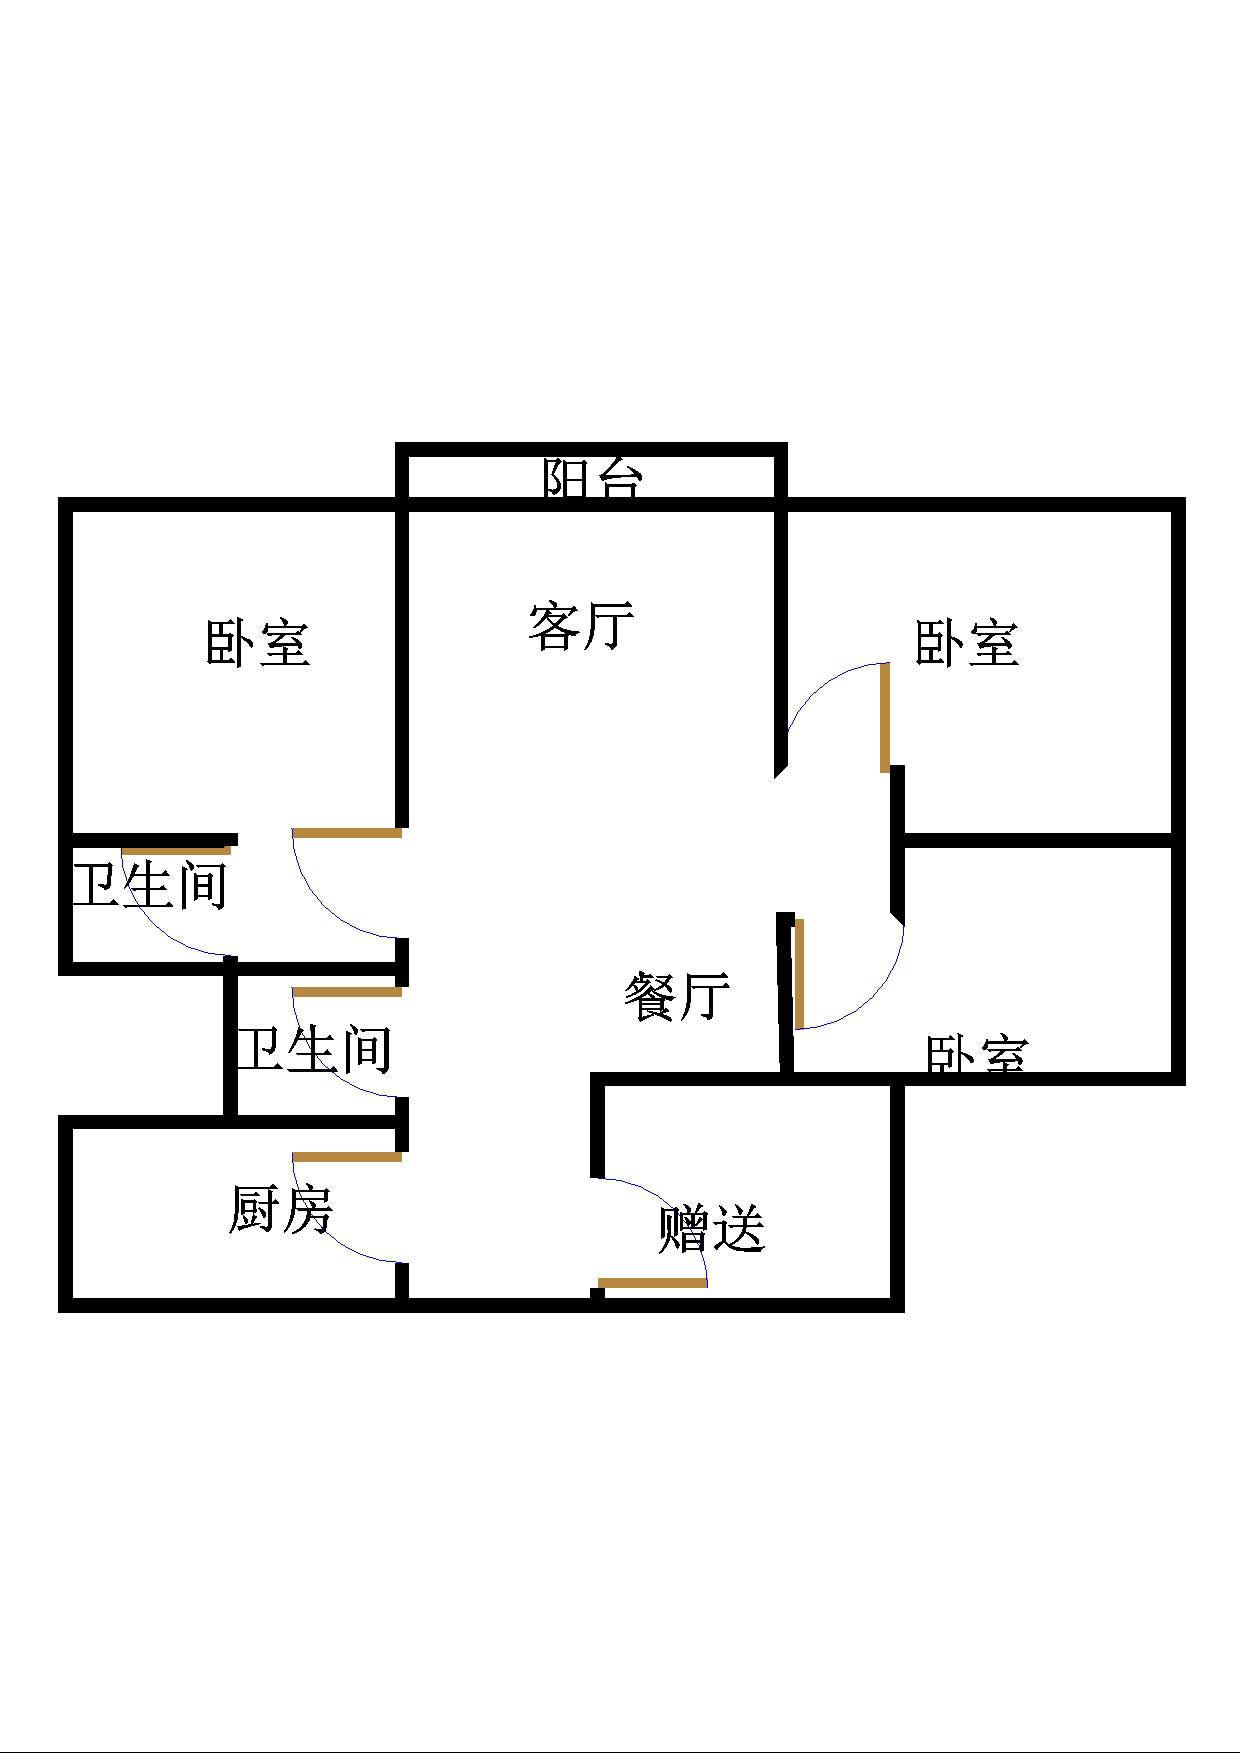 康博公馆 4室2厅 双证齐全 精装 165万